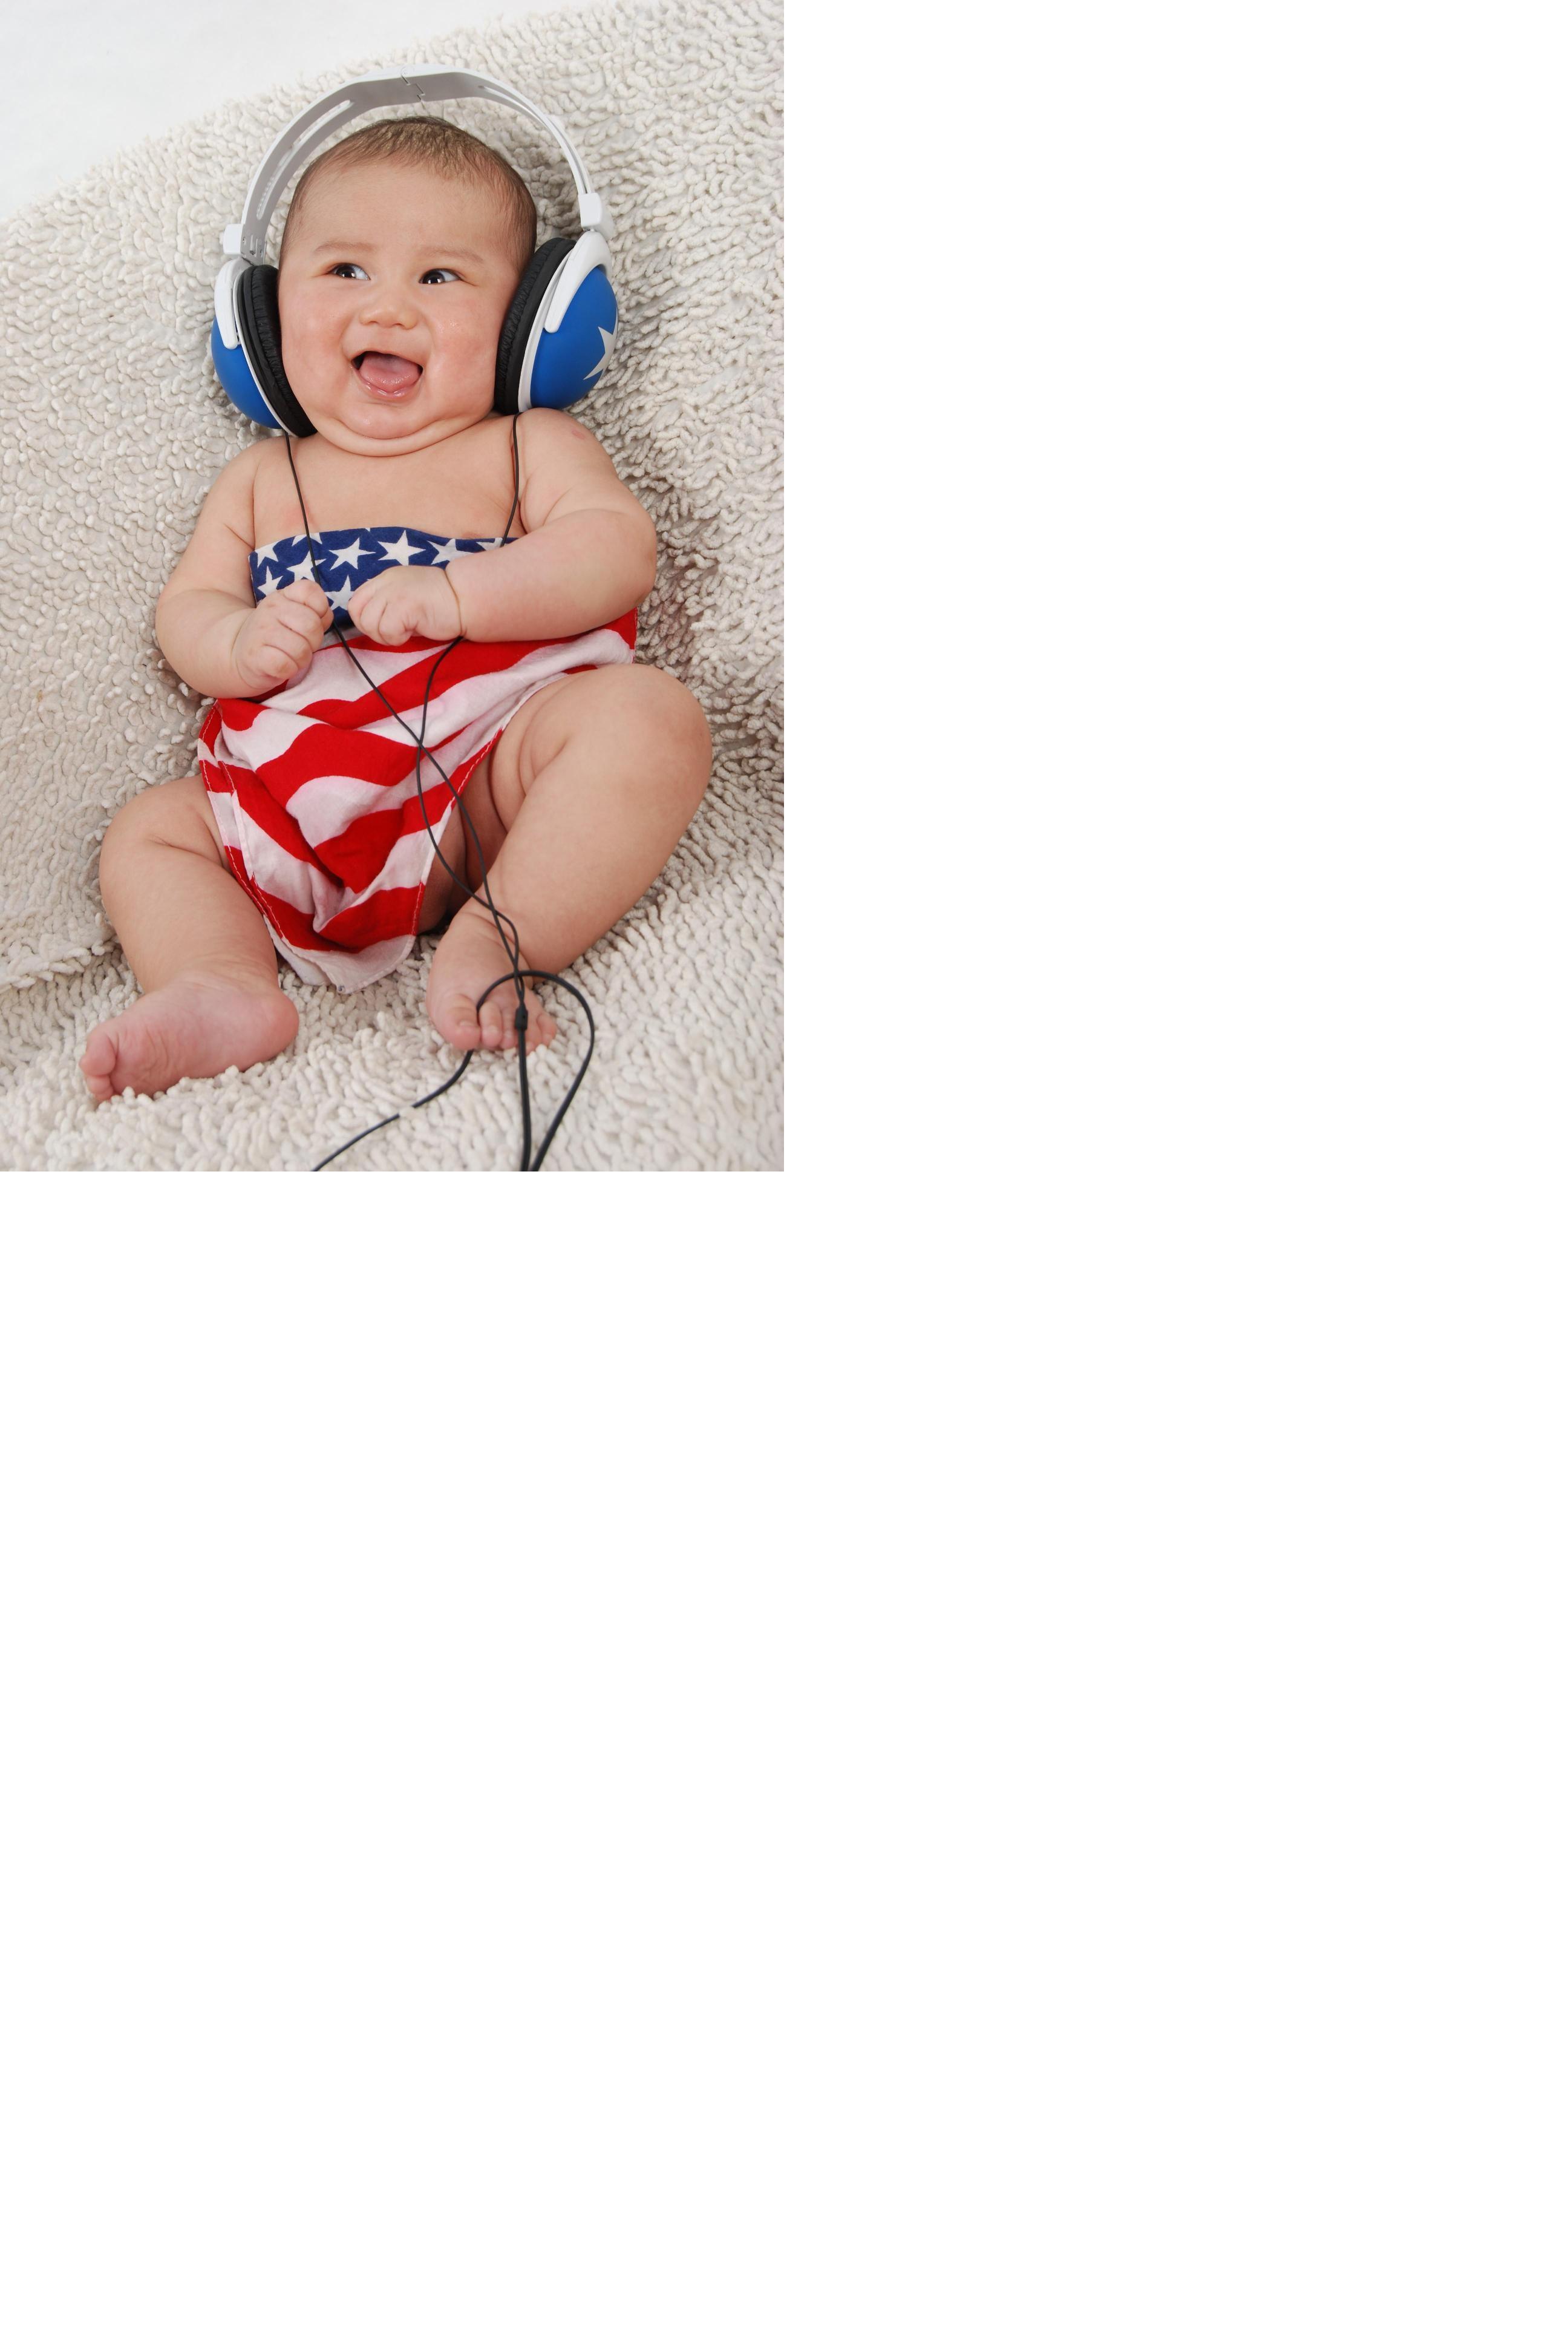 宝宝百天照片,希望宝宝永远笑容灿烂